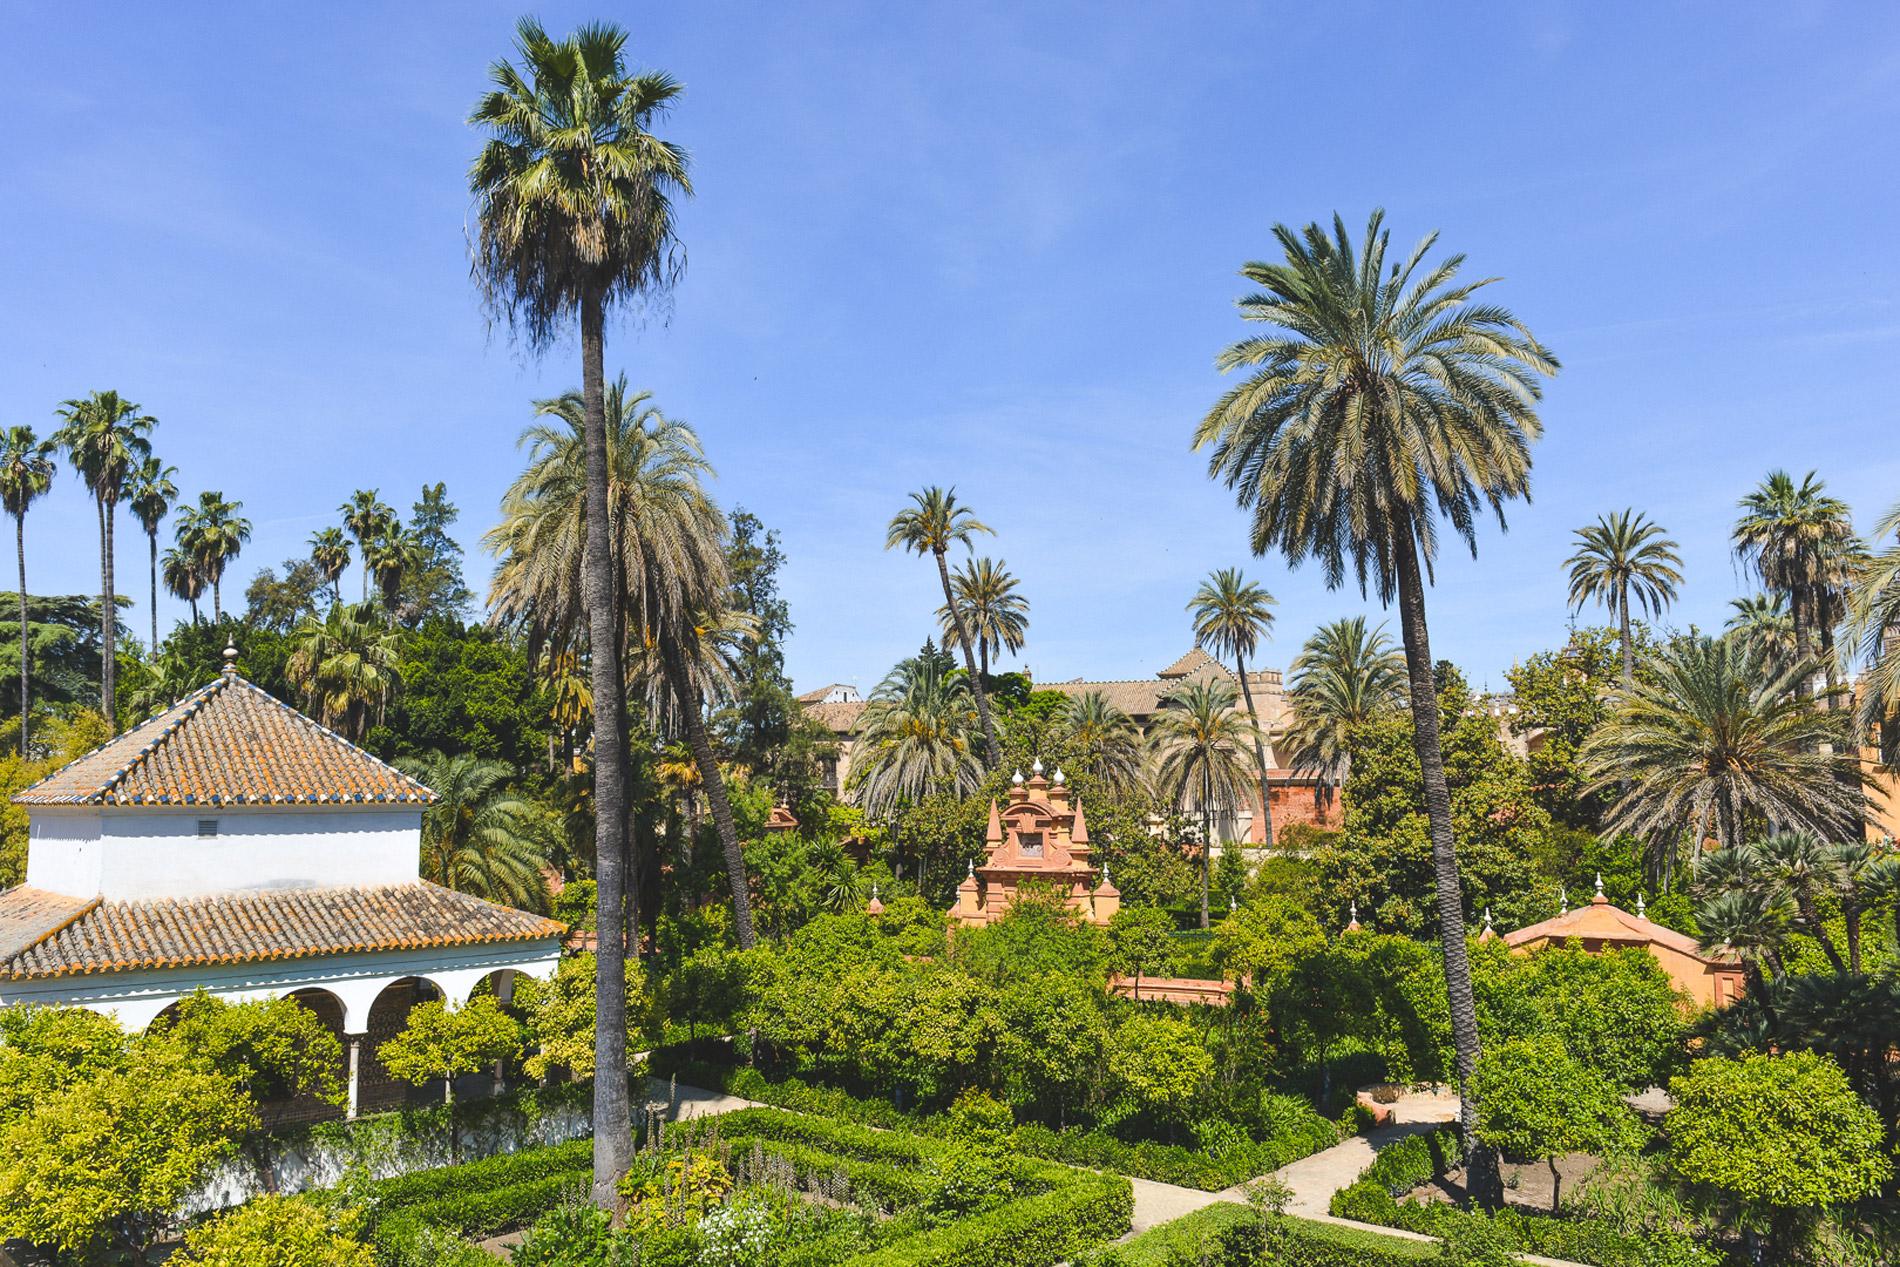 Os jardins do Alcázar em Sevilha Espanha